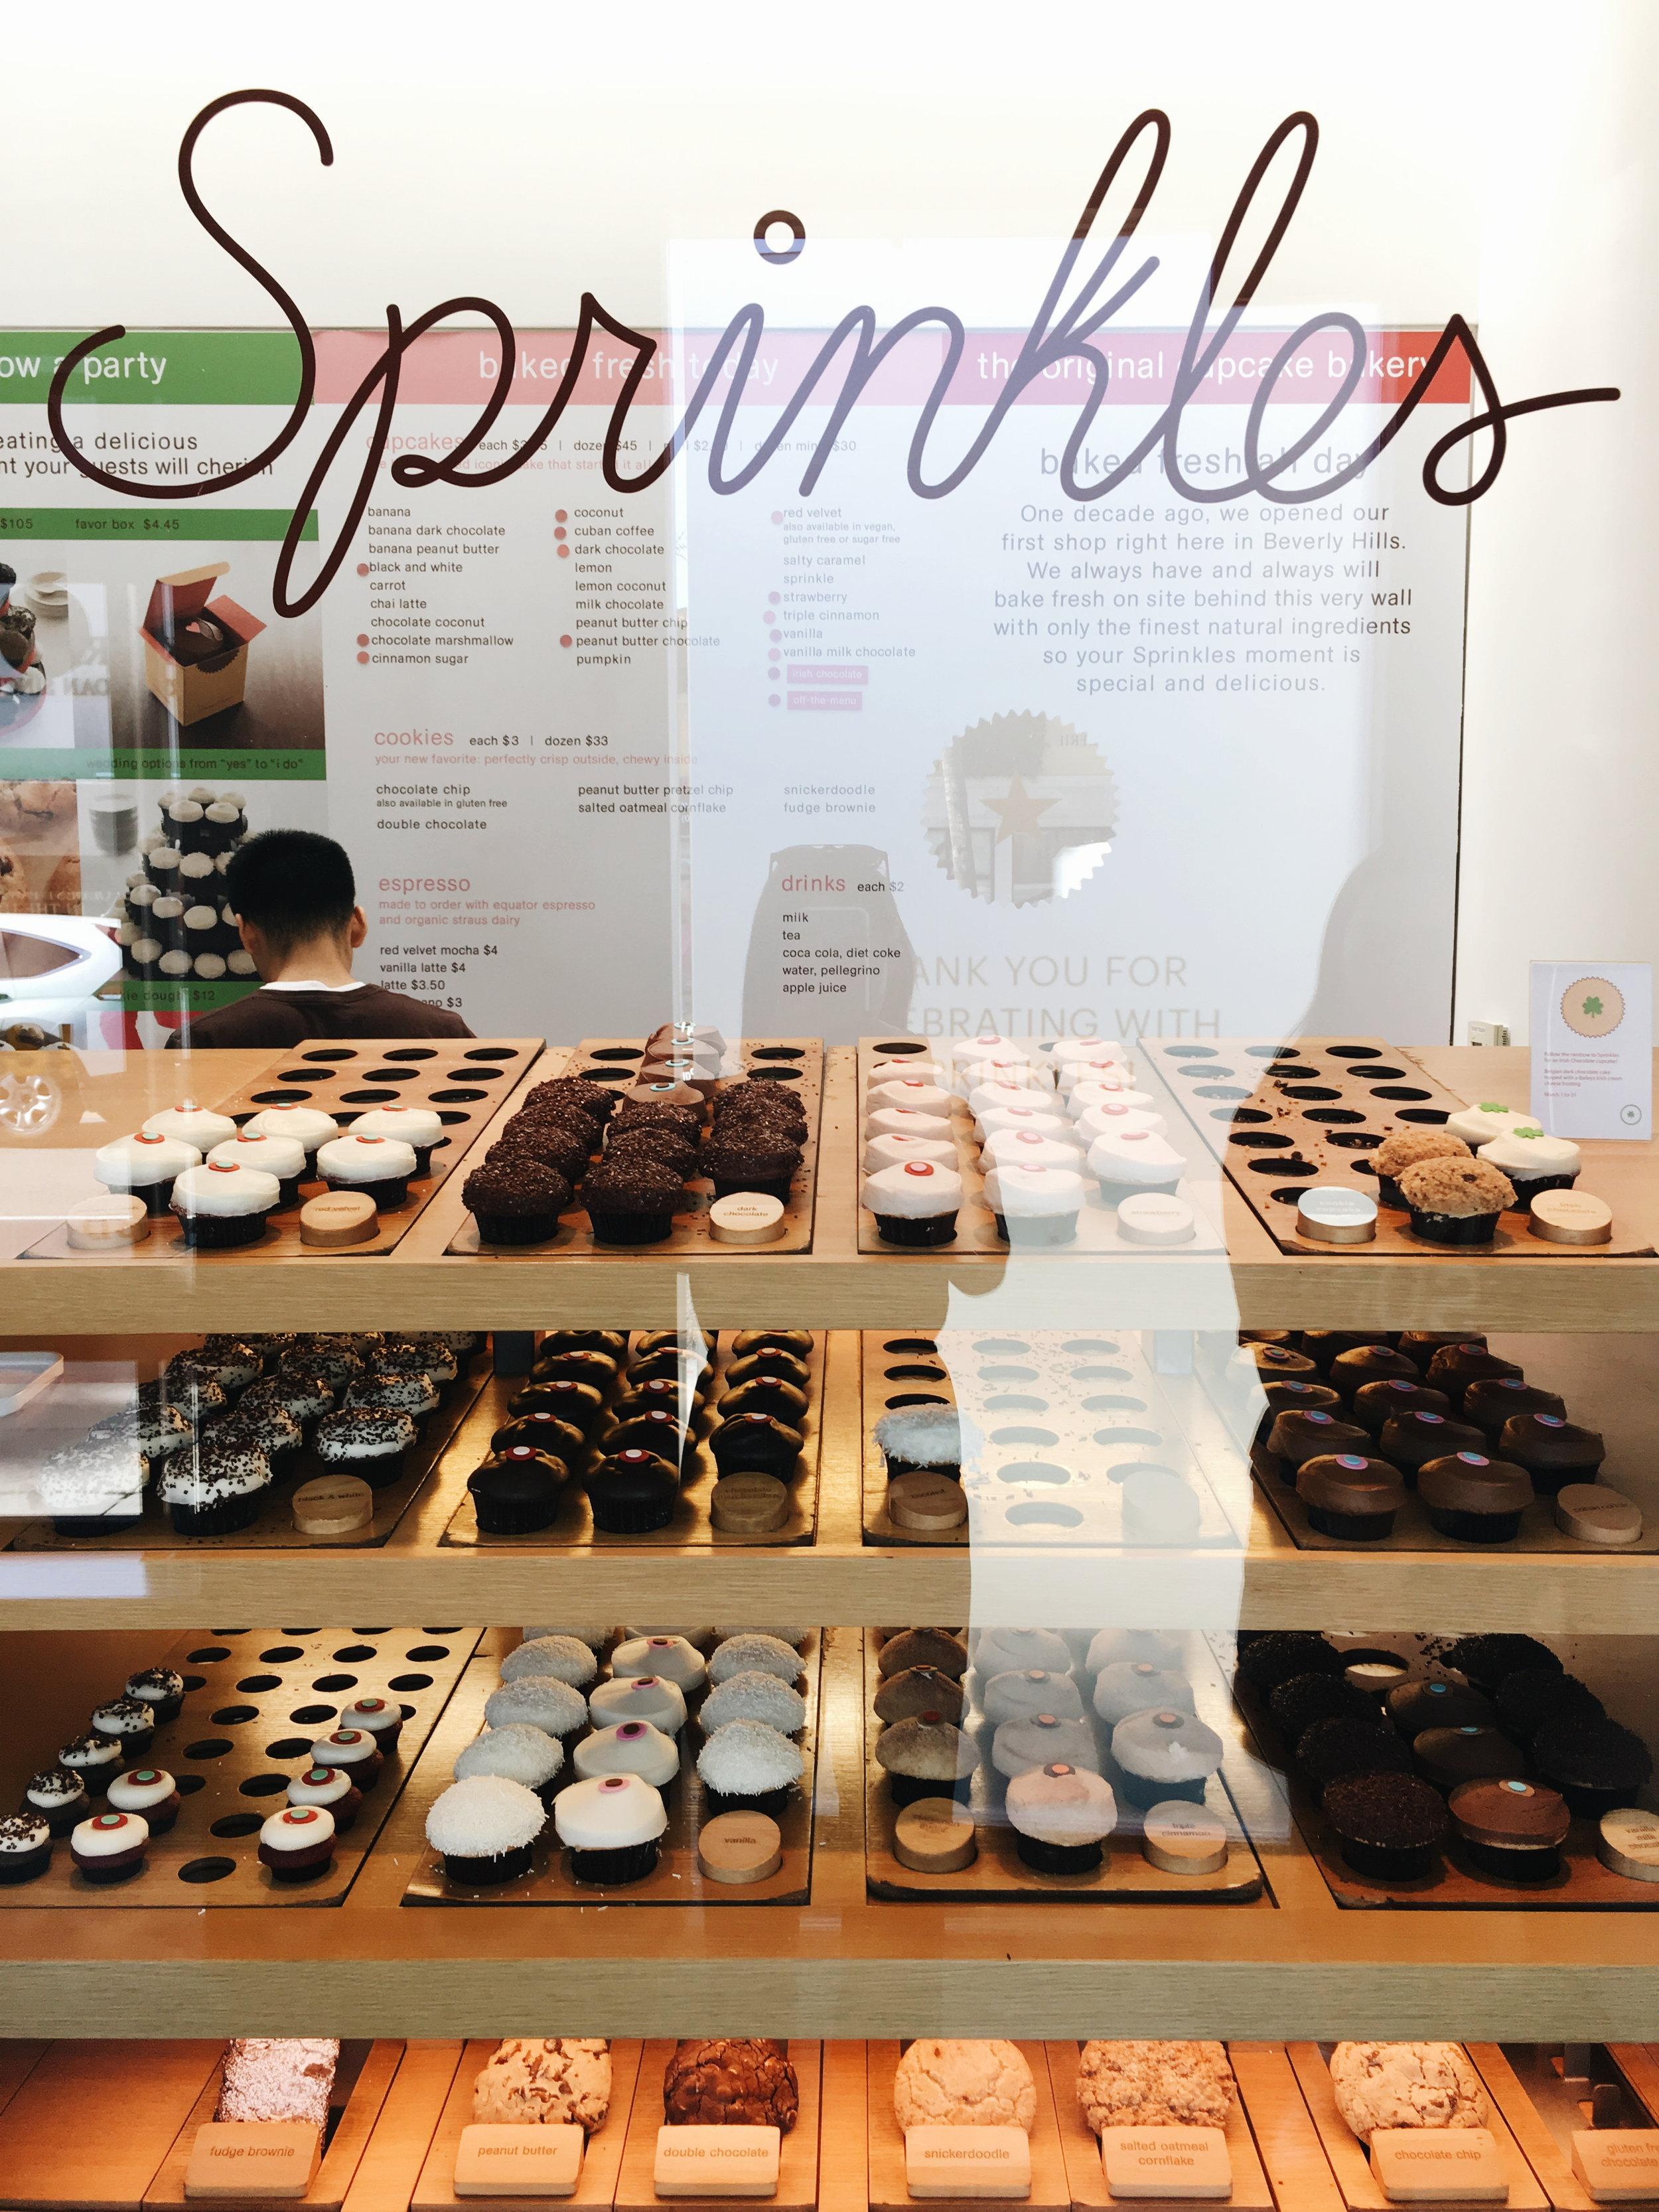 sprinkles-los-angeles-01a.jpg